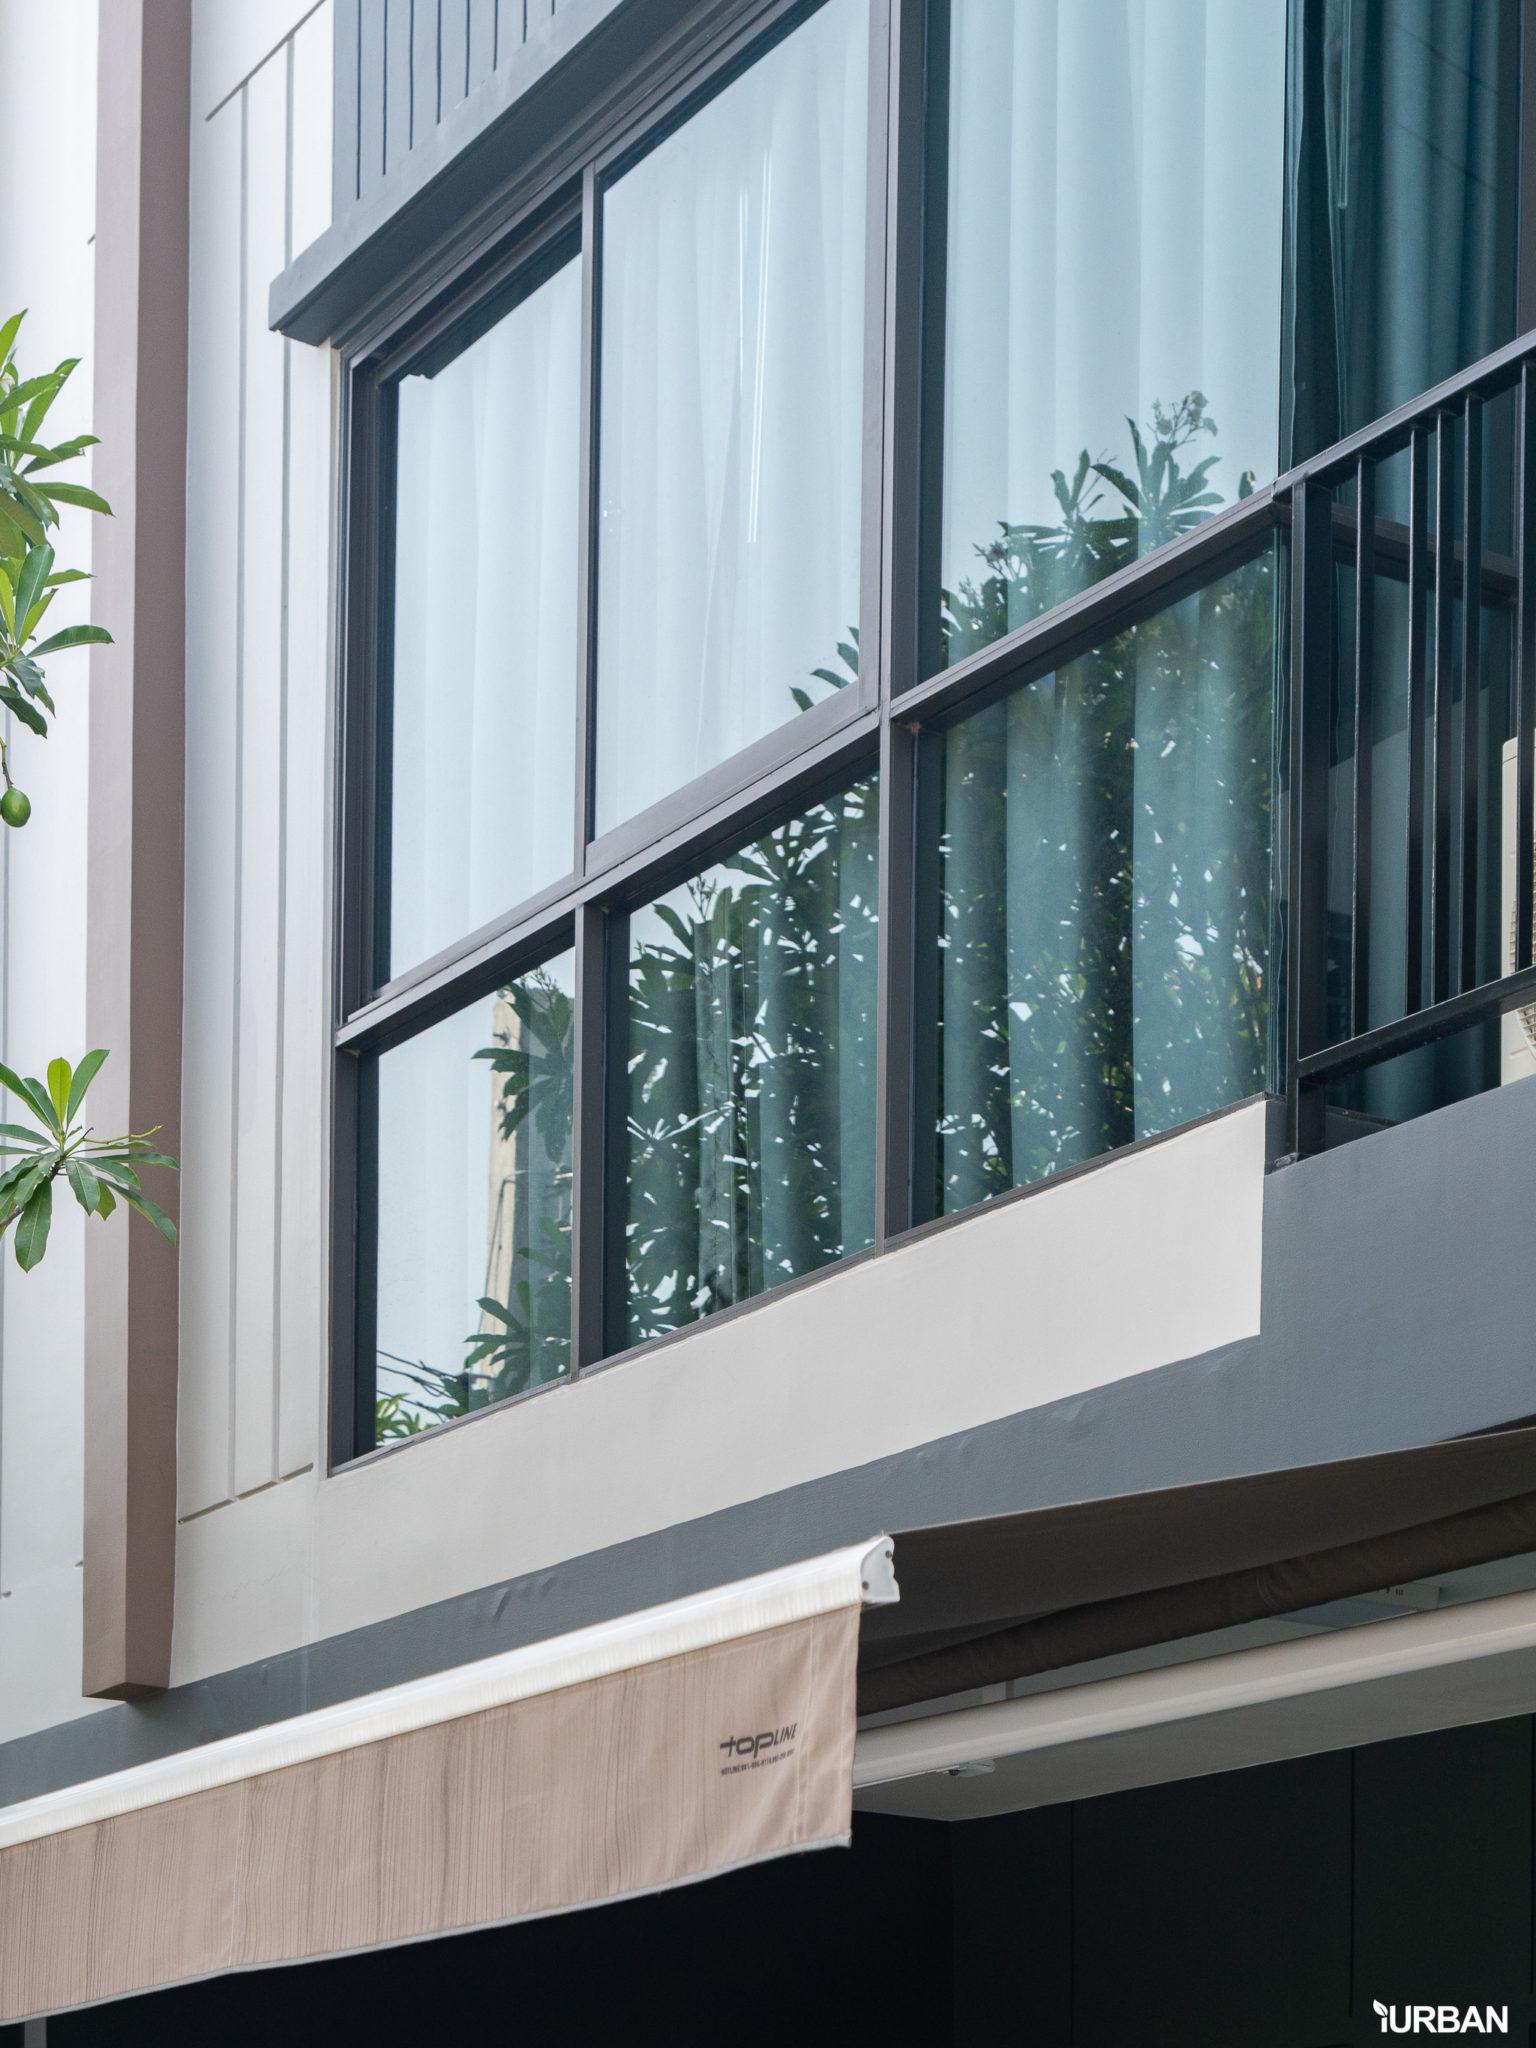 7 โครงการบ้านเอพีช่วยผ่อน 30 เดือน สุขสวัสดิ์-ประชาอุทิศ เข้าเมืองง่าย ทาวน์โฮม-บ้าน เริ่ม 1.99 ล้าน 233 - AP (Thailand) - เอพี (ไทยแลนด์)